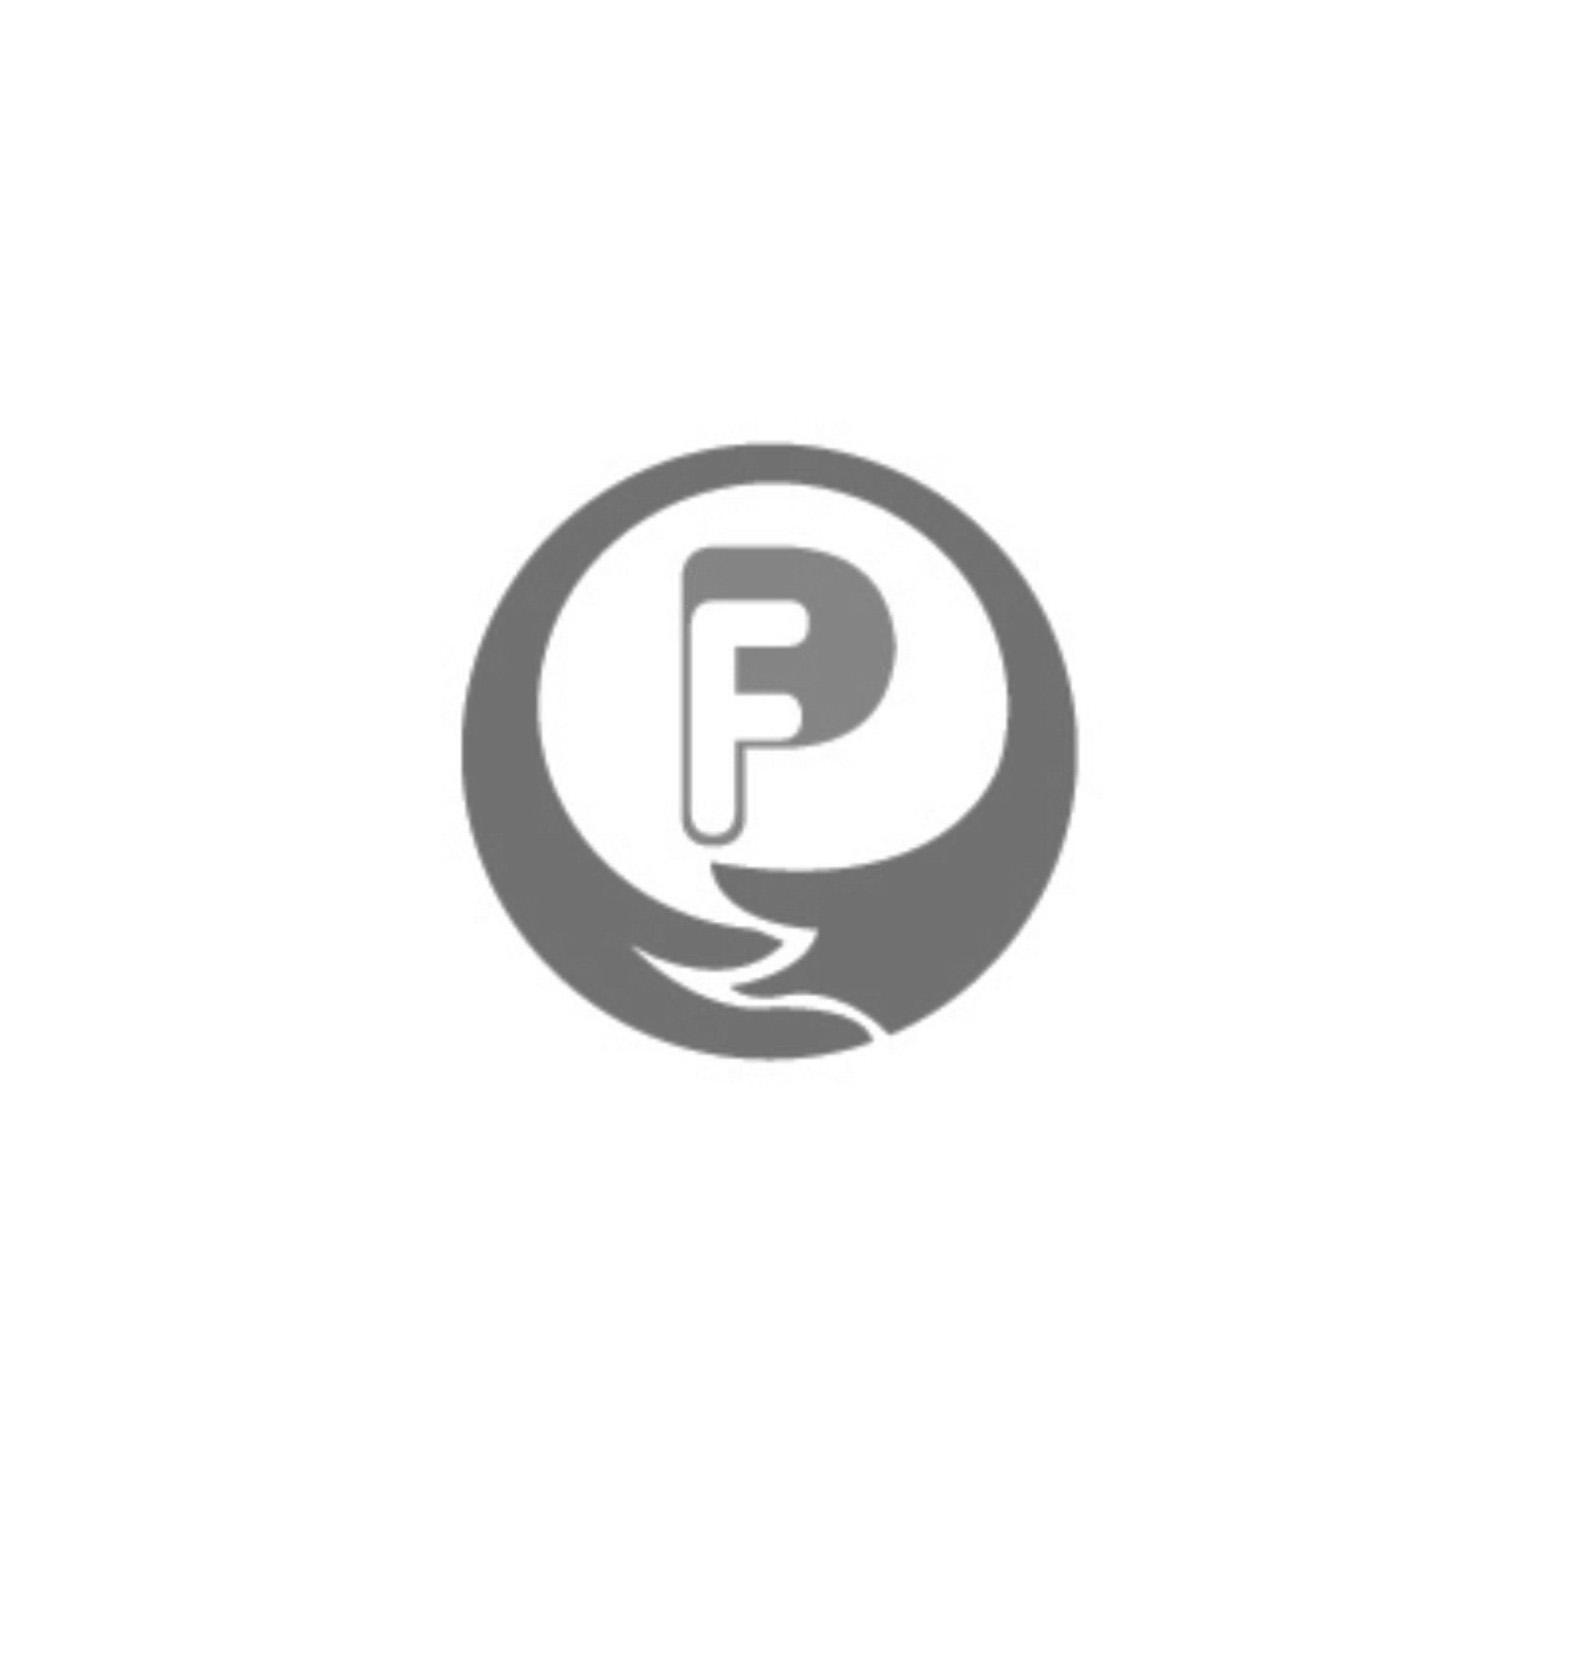 转让商标-PF